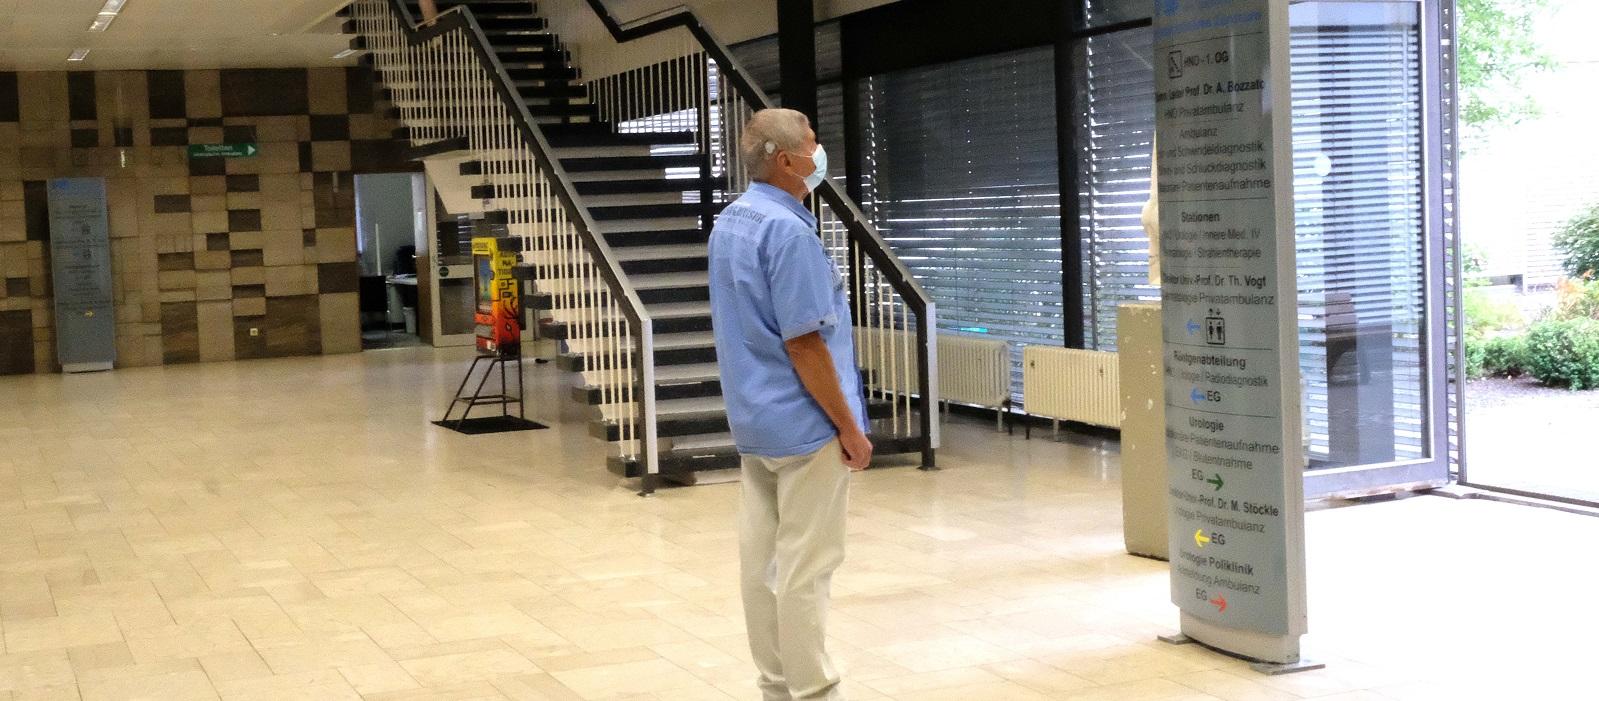 Foyer mit Treppenaufgang oder Aufzug